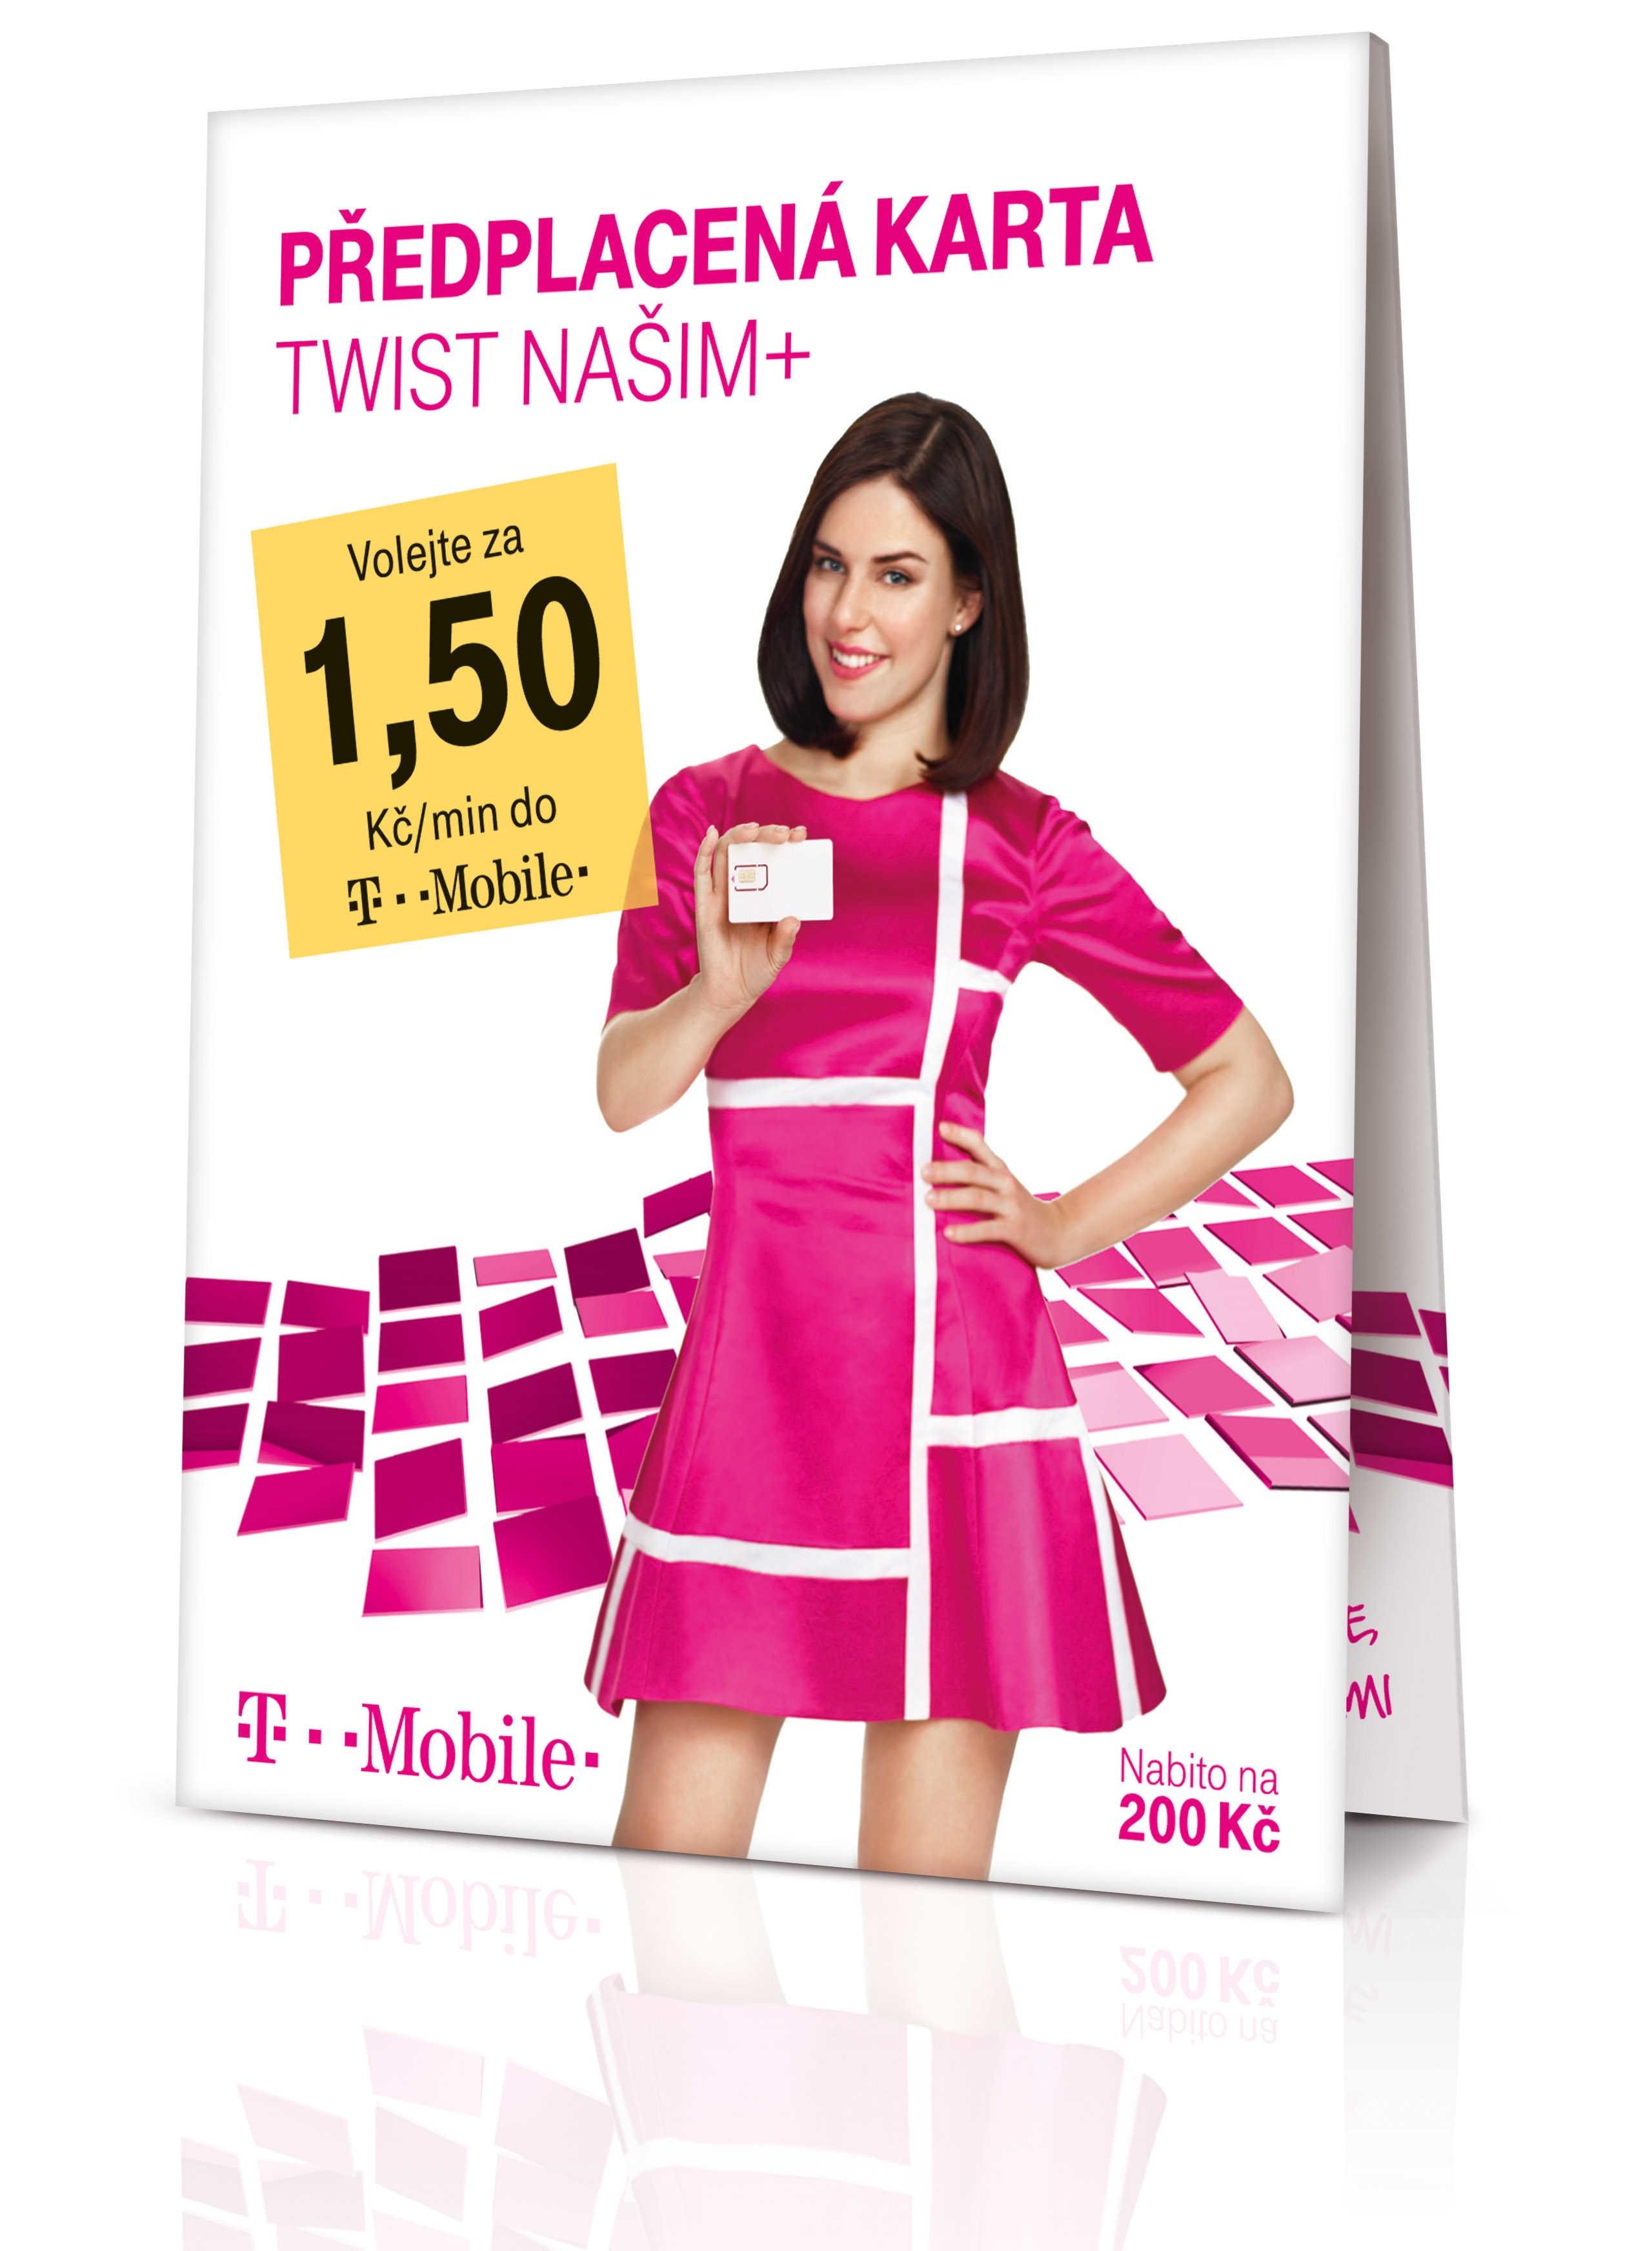 TWIST SIM karta - Našim+, 200 Kč kredit